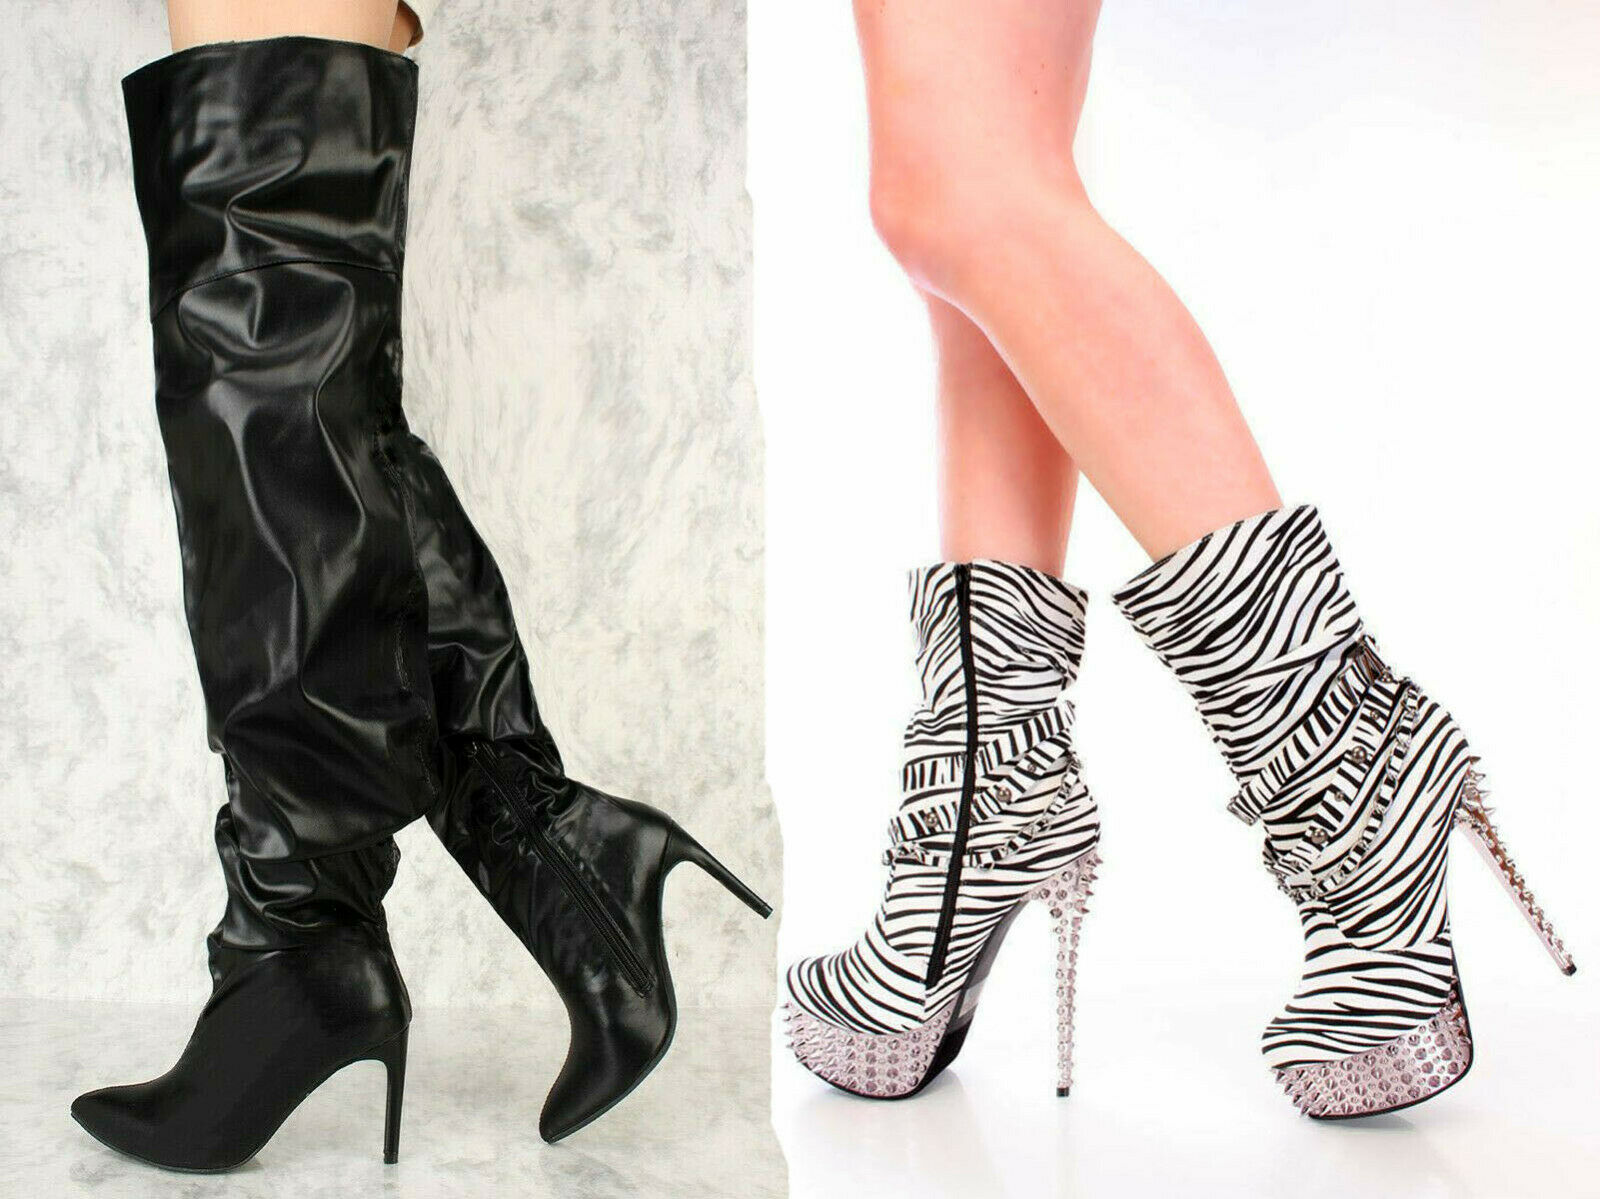 Neu Schwarz Weiß Zebra Druck mit Spikes Kniehohe Stiefel Kunstleder